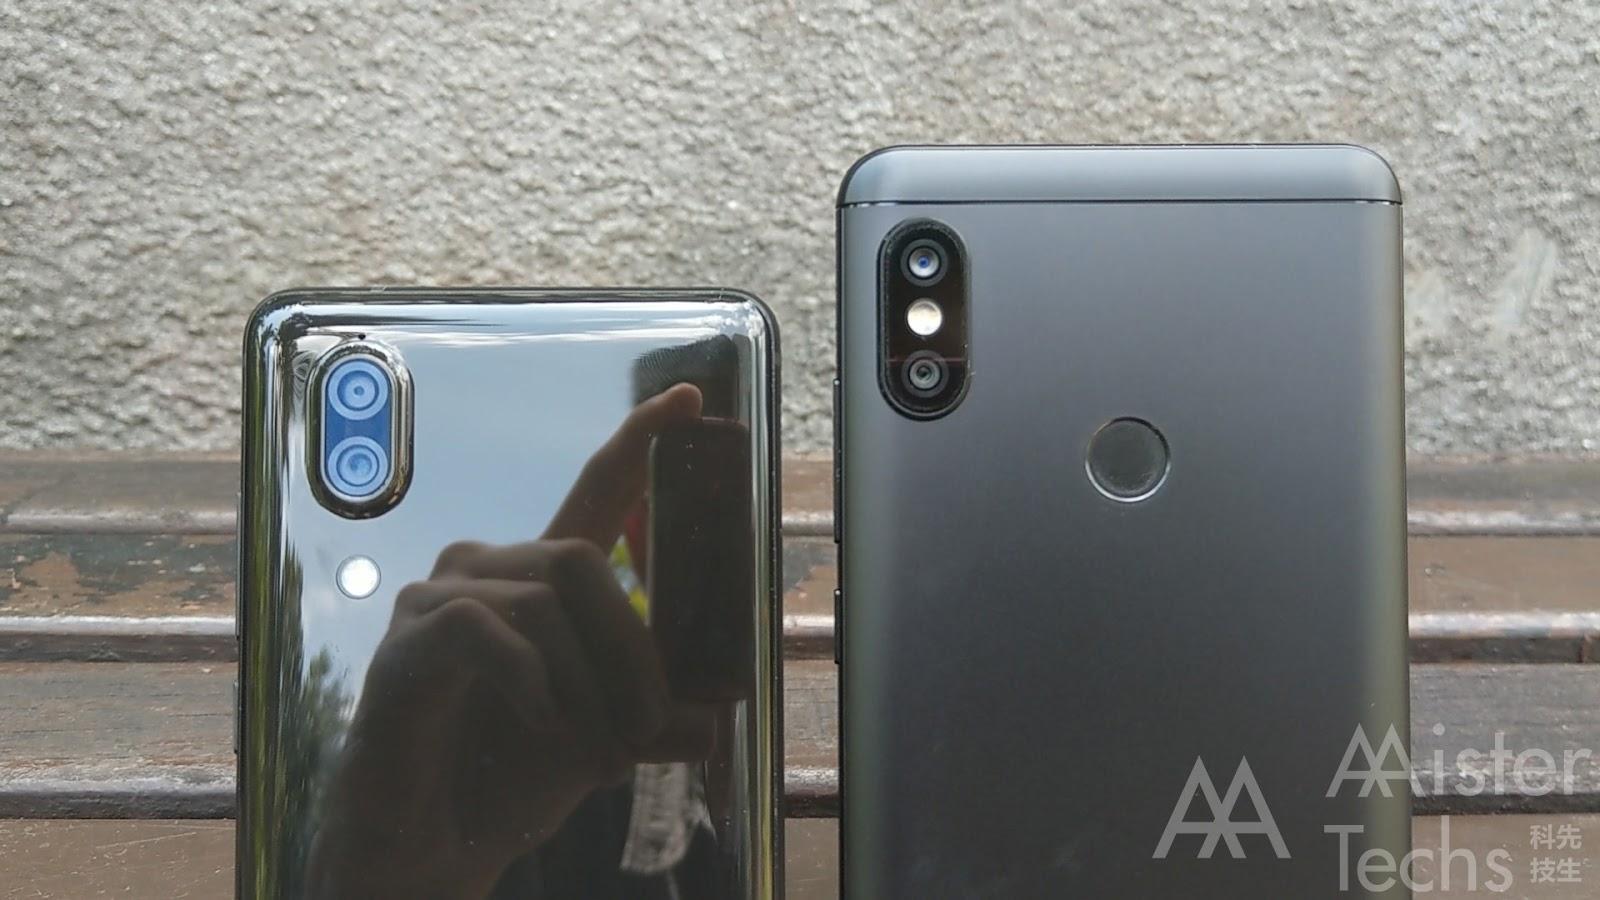 Xiaomi Redmi Note 5 (Pro) vs Sharp Aquos S2 Comparison: Software